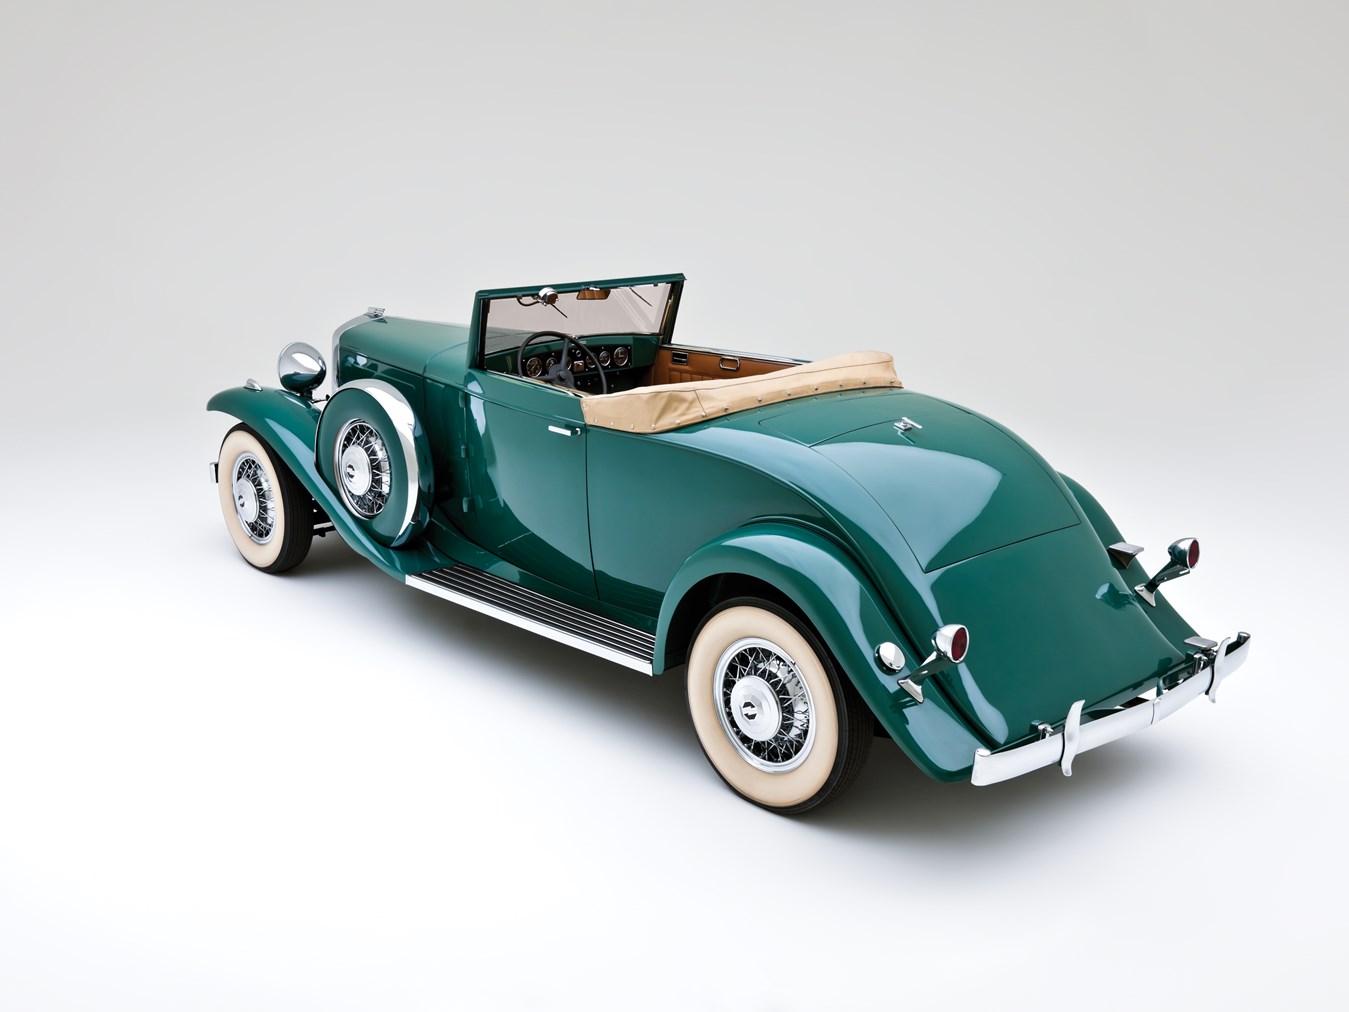 1932 Marmon Sixteen rear